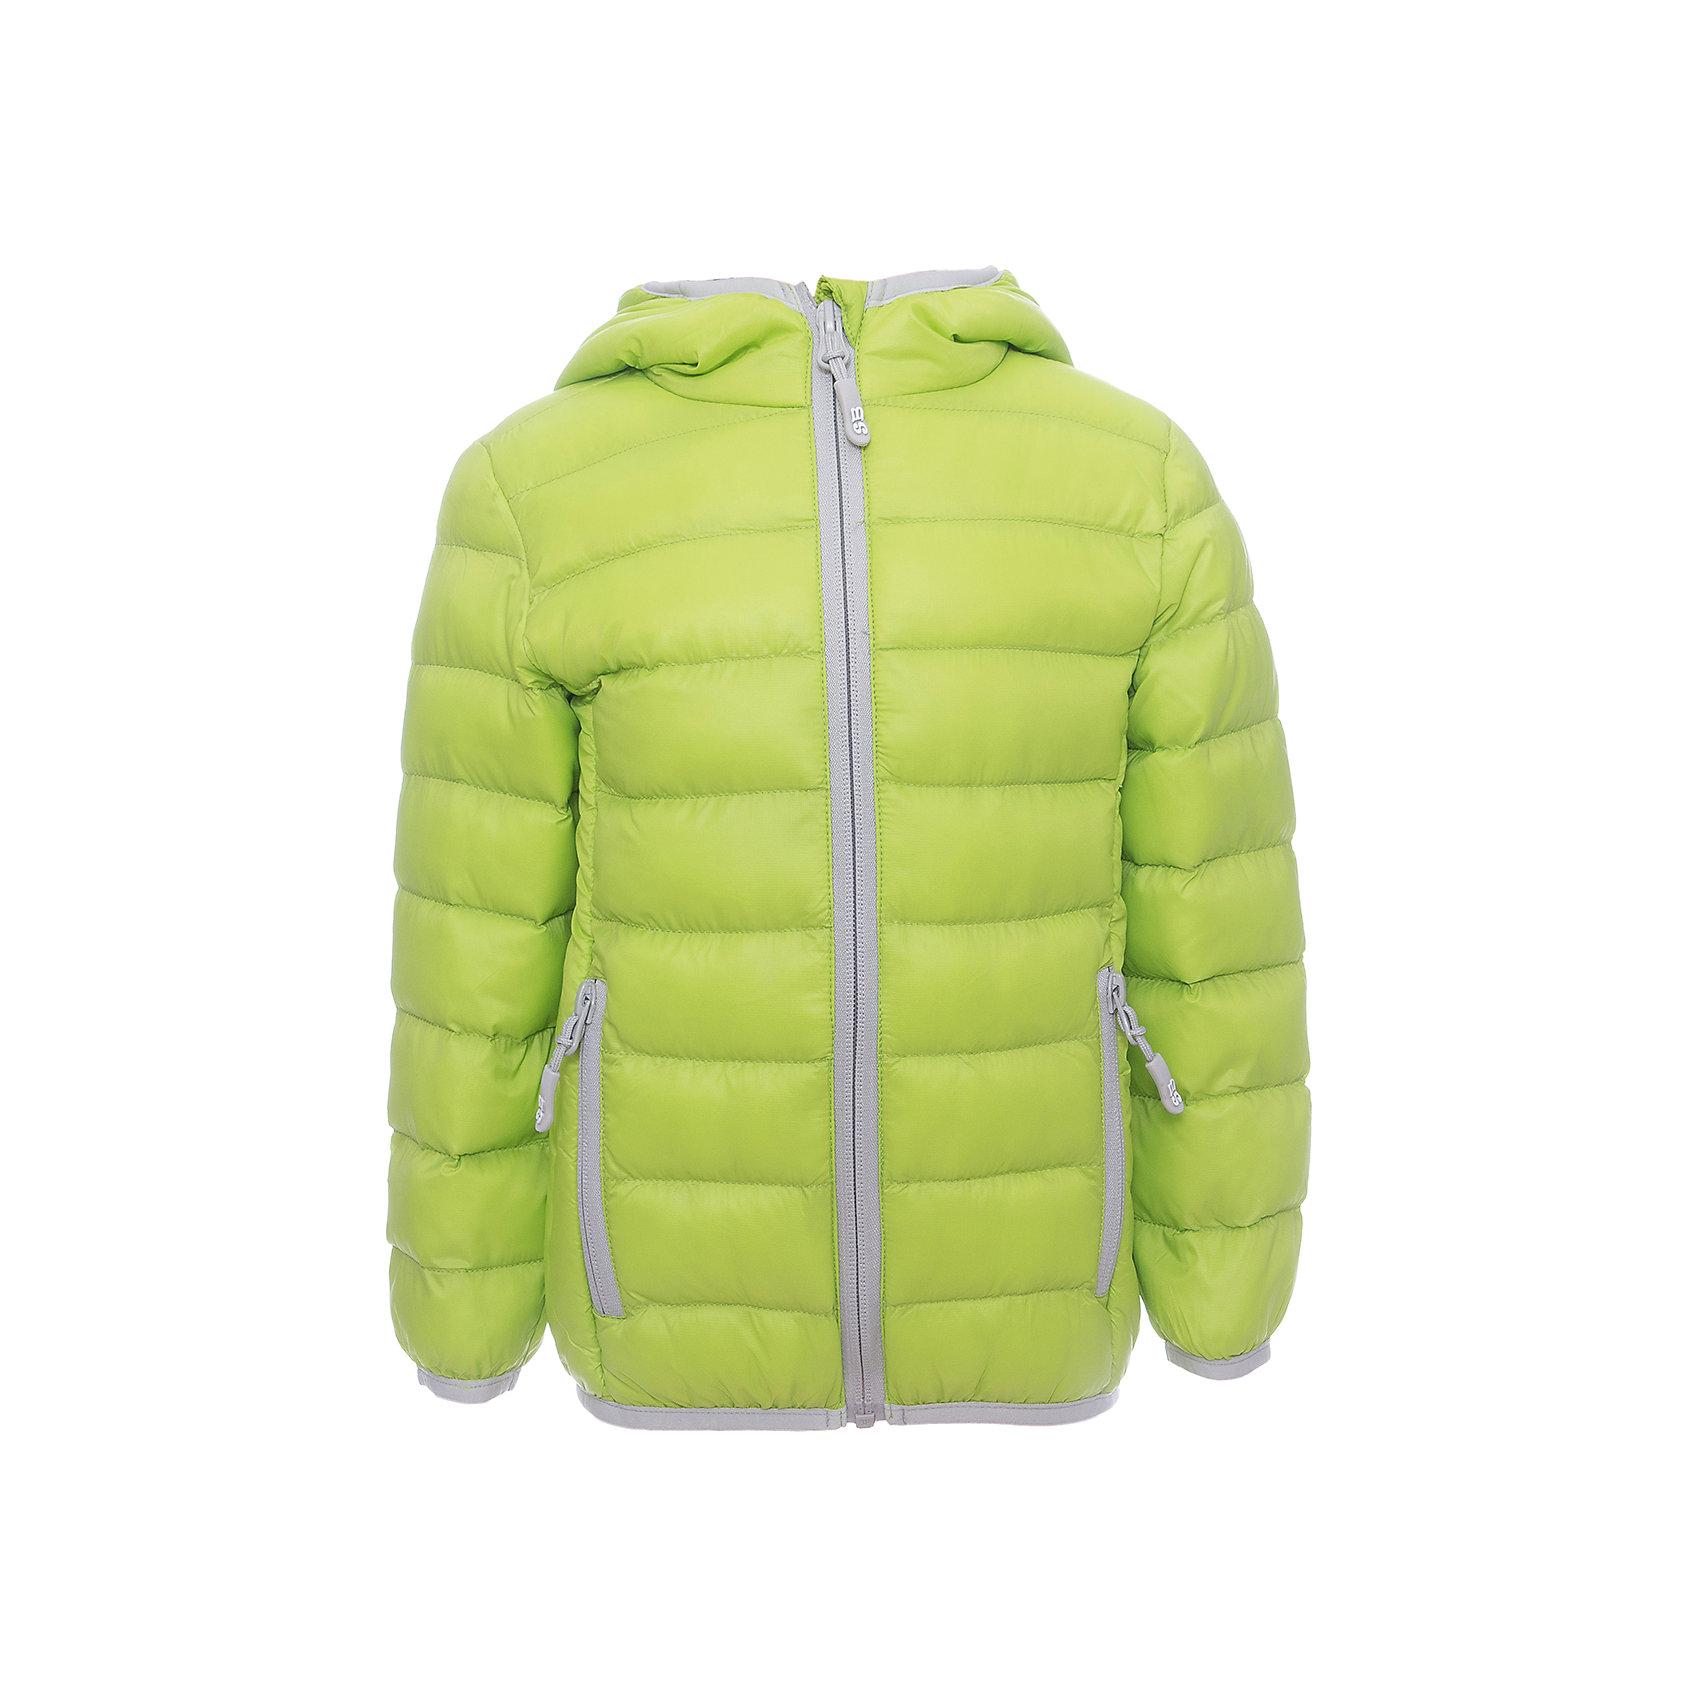 Куртка для мальчика Sweet BerryДемисезонные куртки<br>Яркая стеганая куртка с несъемным капюшоном. Куртка комплектуется удобным мешочком для хранения. Карманы по бокам застегиваются на молнии и имеют резиновые пуллеры  с логотипами компании.  Ткань верха: нейлон- водонепроницаемая ткань с ветрозащитными свойствами.<br>Пoдклад: нейлон.<br>Утеплитель:  Синтепух 80 г/м?. Температурный режим от +5 С до + 15 С.<br>Состав:<br>Верх:  100% нейлон.  Подкладка: 100% нейлон. Наполнитель: 100%полиэстер<br><br>Ширина мм: 356<br>Глубина мм: 10<br>Высота мм: 245<br>Вес г: 519<br>Цвет: зеленый<br>Возраст от месяцев: 24<br>Возраст до месяцев: 36<br>Пол: Мужской<br>Возраст: Детский<br>Размер: 122,128,134,140,98,104,110,116<br>SKU: 5412964